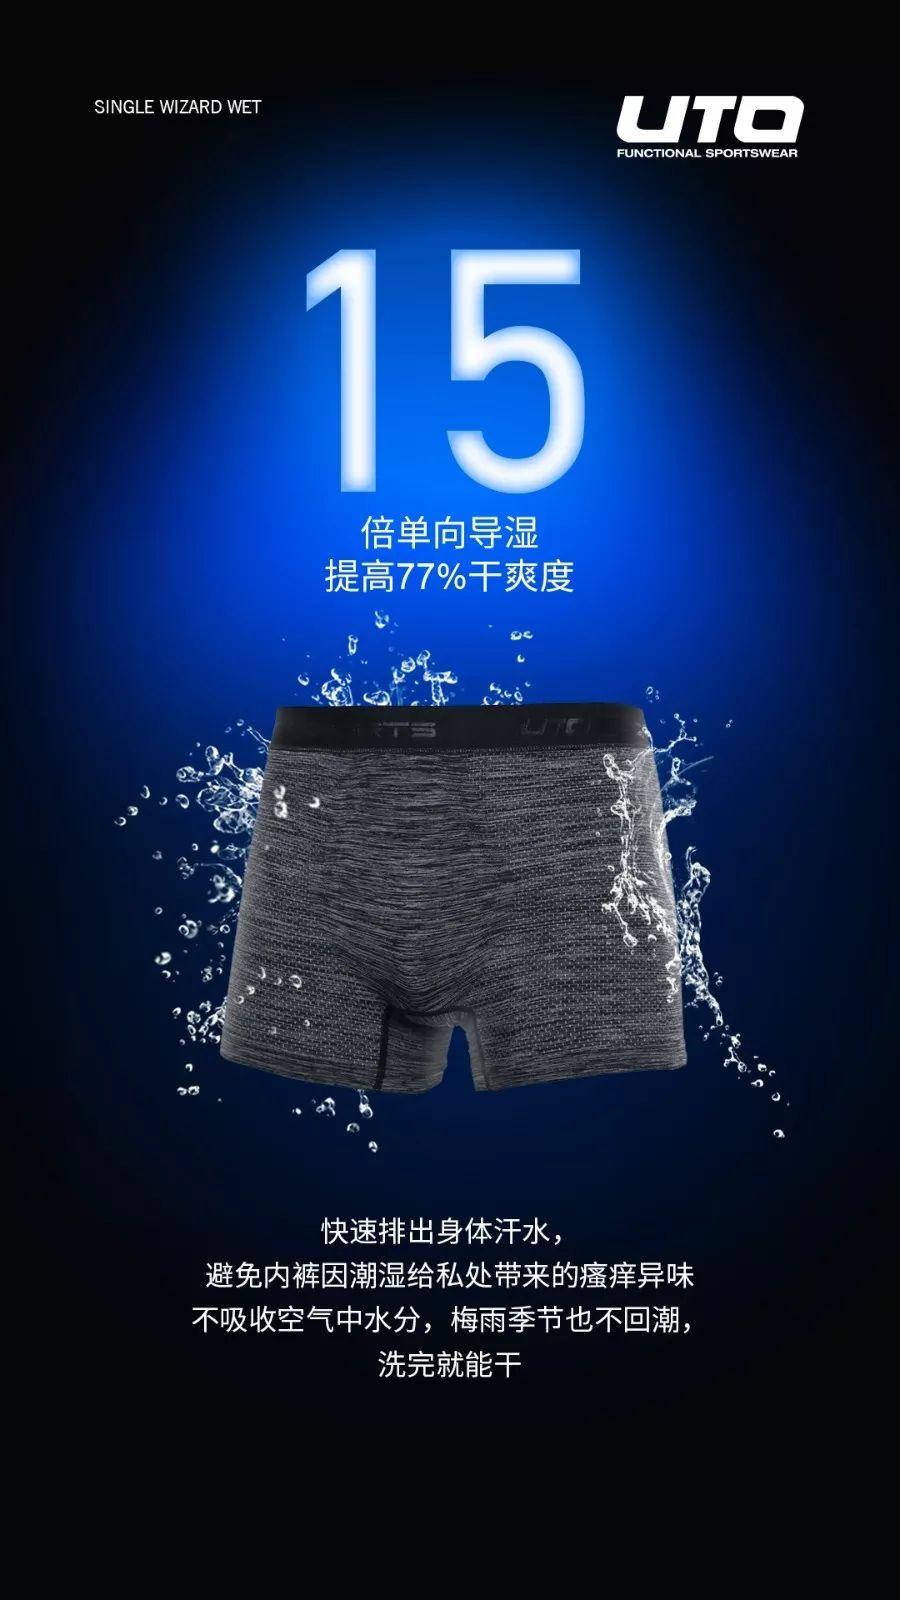 1条内裤被1000个人穿过之后-14